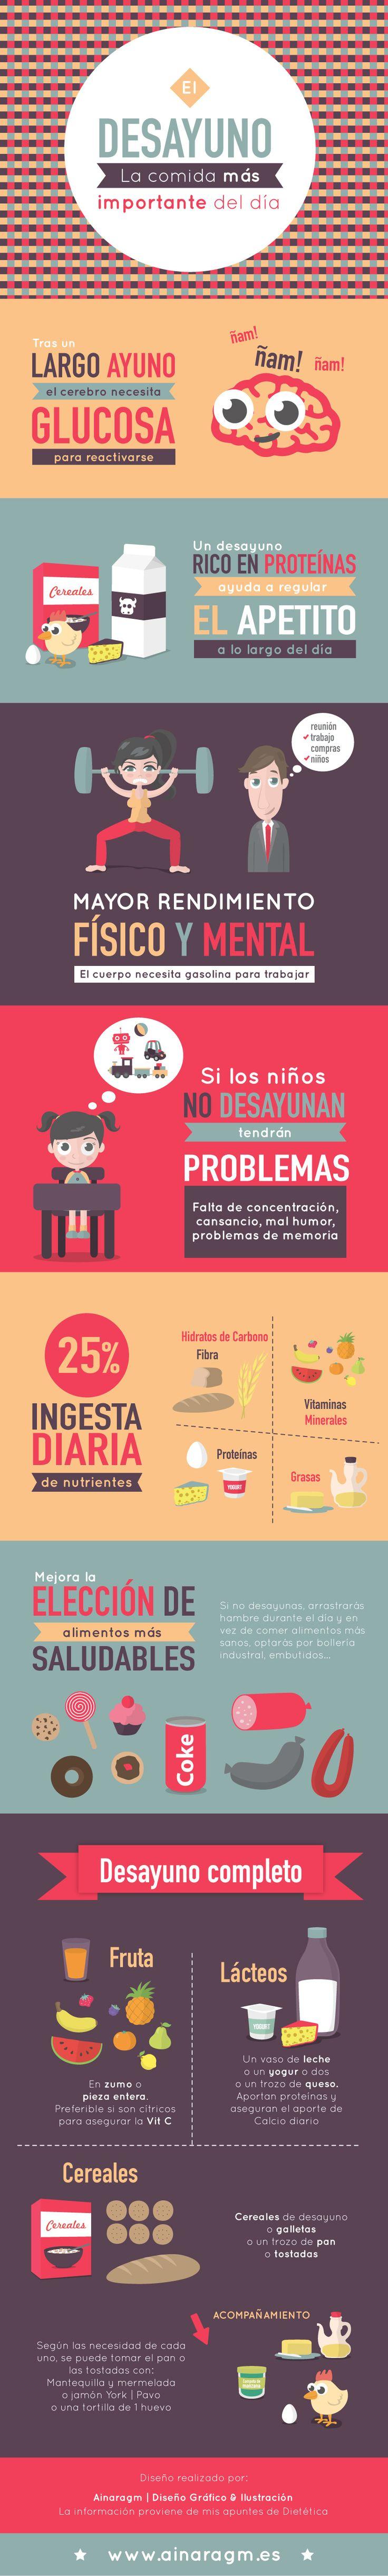 Infografía sobre la importancia del desayuno #infografia #alimentacion #salud #diseno #ilustracion